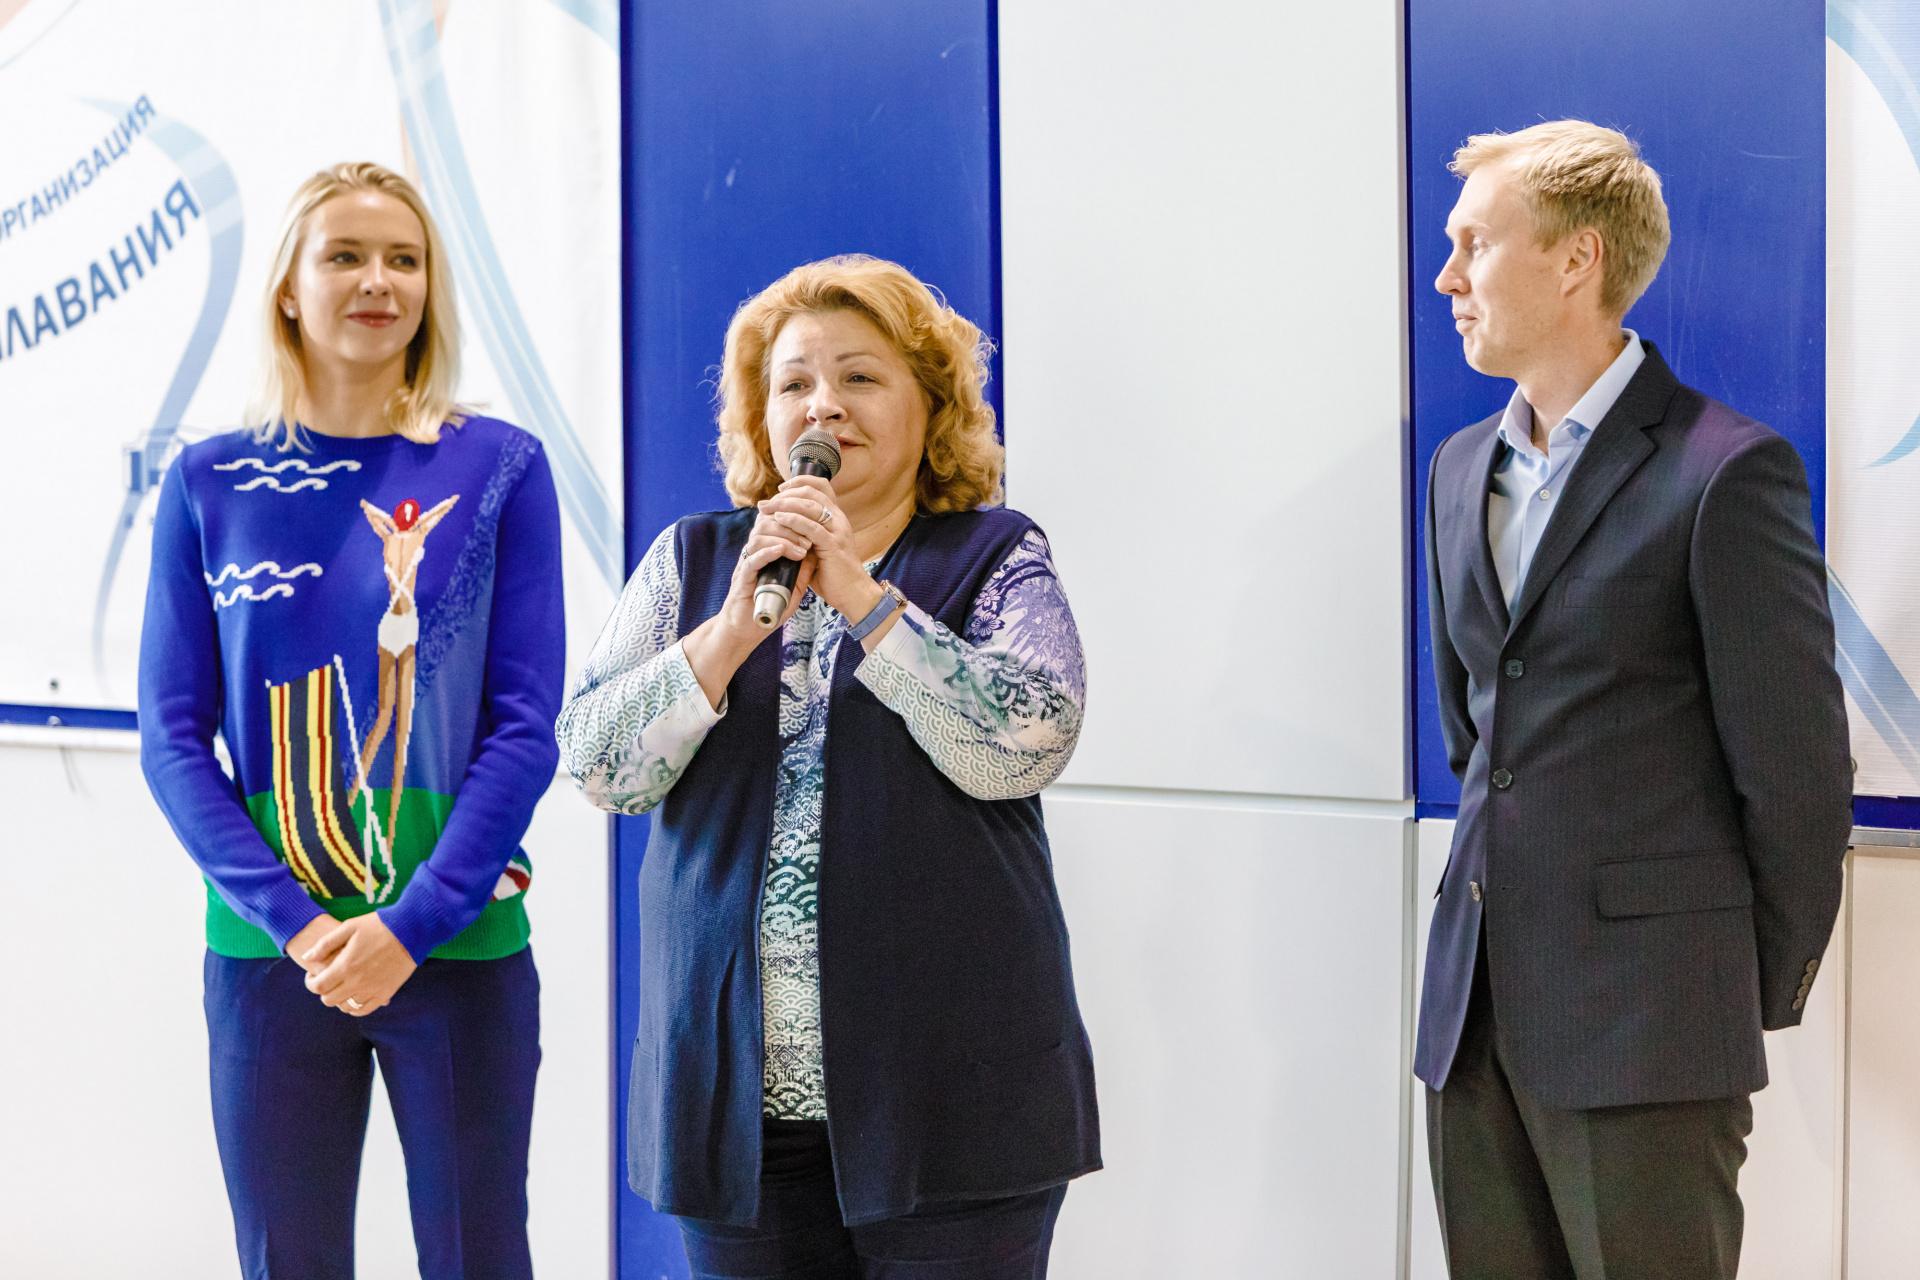 В Верхней Пышме прошёл турнир по синхронному плаванью на призы олимпийской чемпионки Анжелики Тиманиной